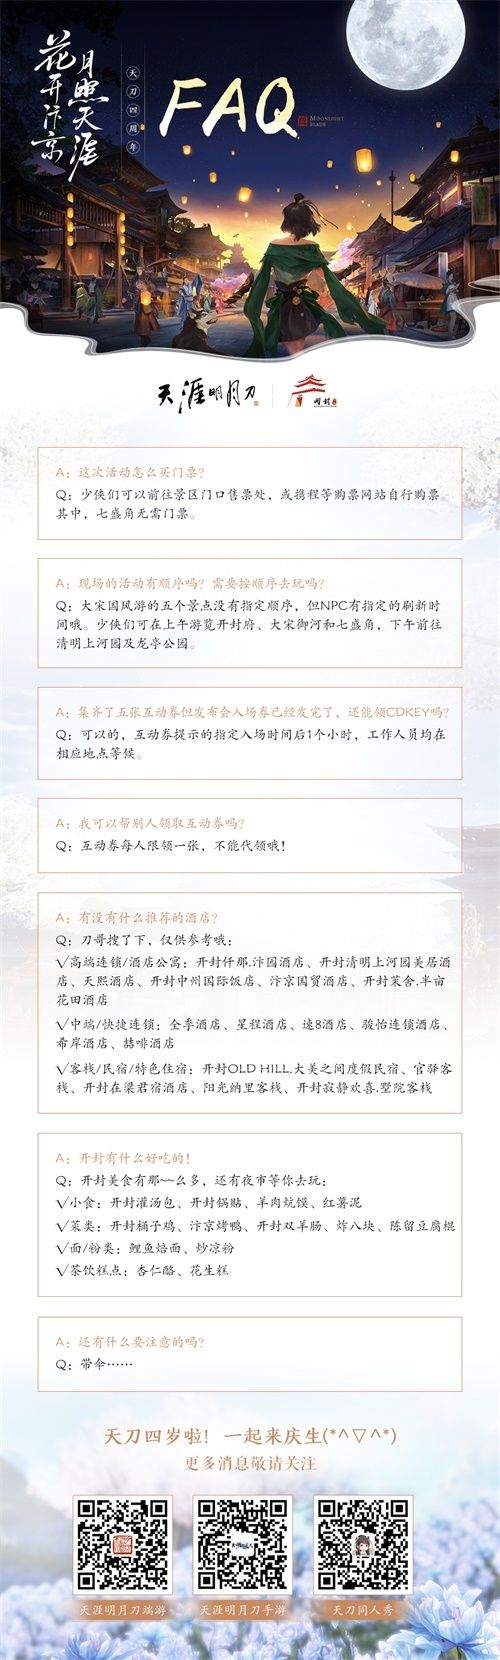 天刀开封线下盛典详情首曝!一河五景、趣味互动!